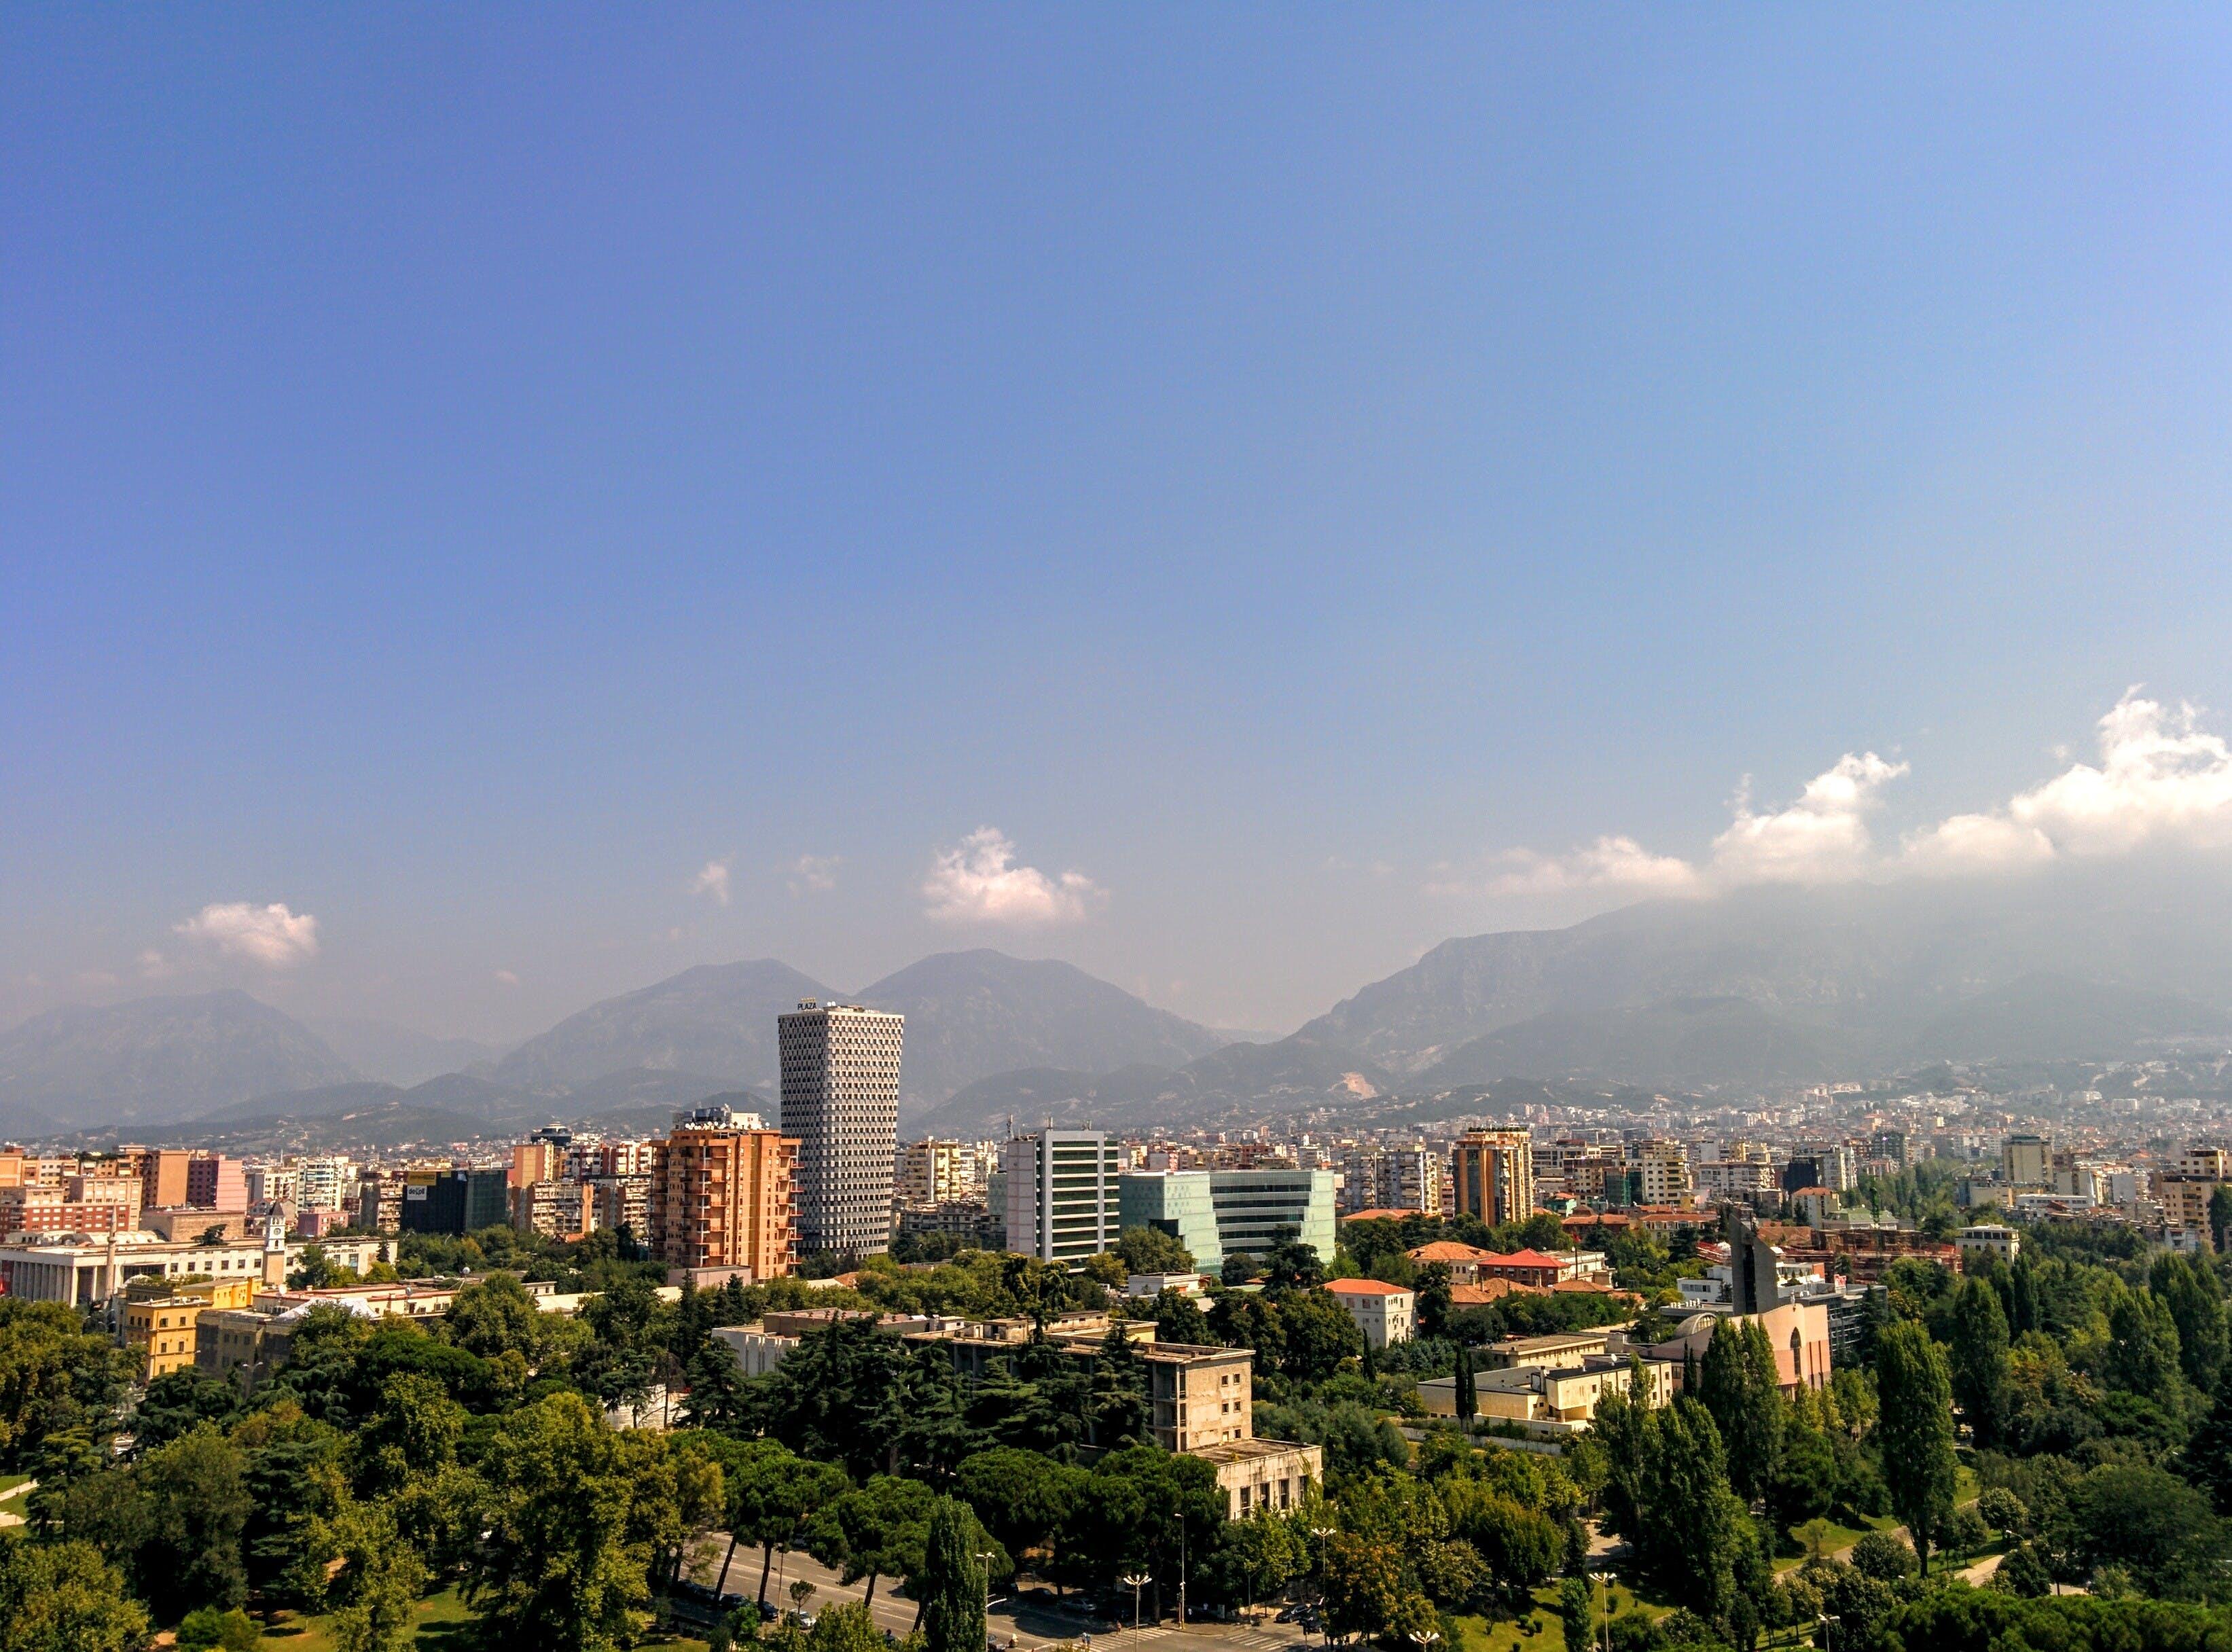 Gratis stockfoto met Albanië, architectuur, bergen, binnenstad